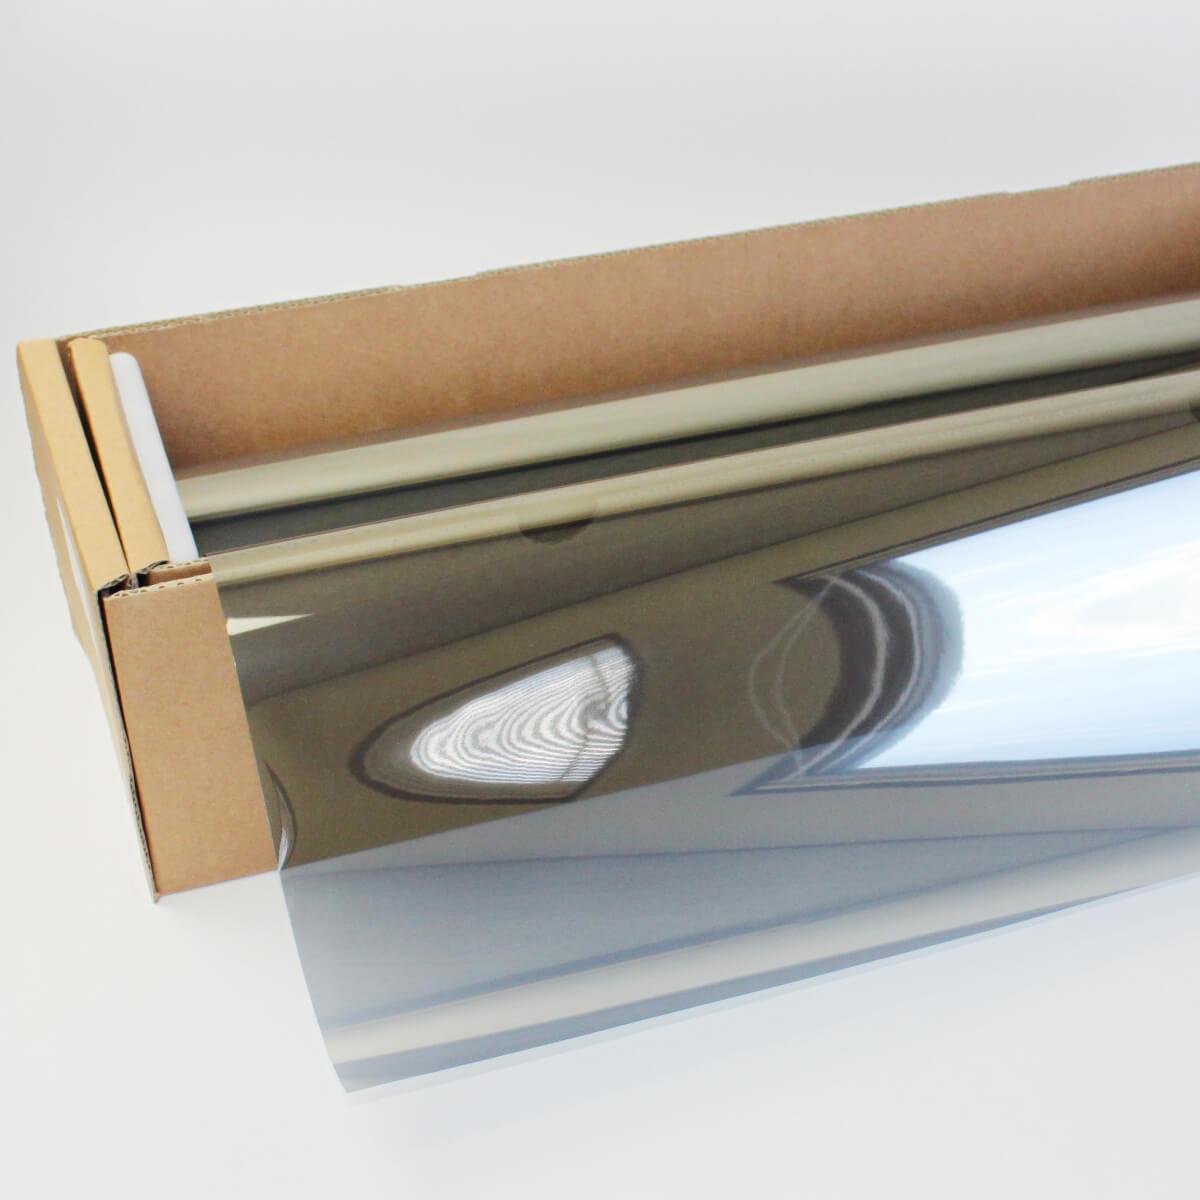 送料無料 ウィンドウフィルム 窓ガラスフィルムスパッタシルバー35 1m幅×30mロール箱売 マジックミラーフィルム 遮熱フィルム 断熱フィルム UVカットフィルム ブレインテック Braintec